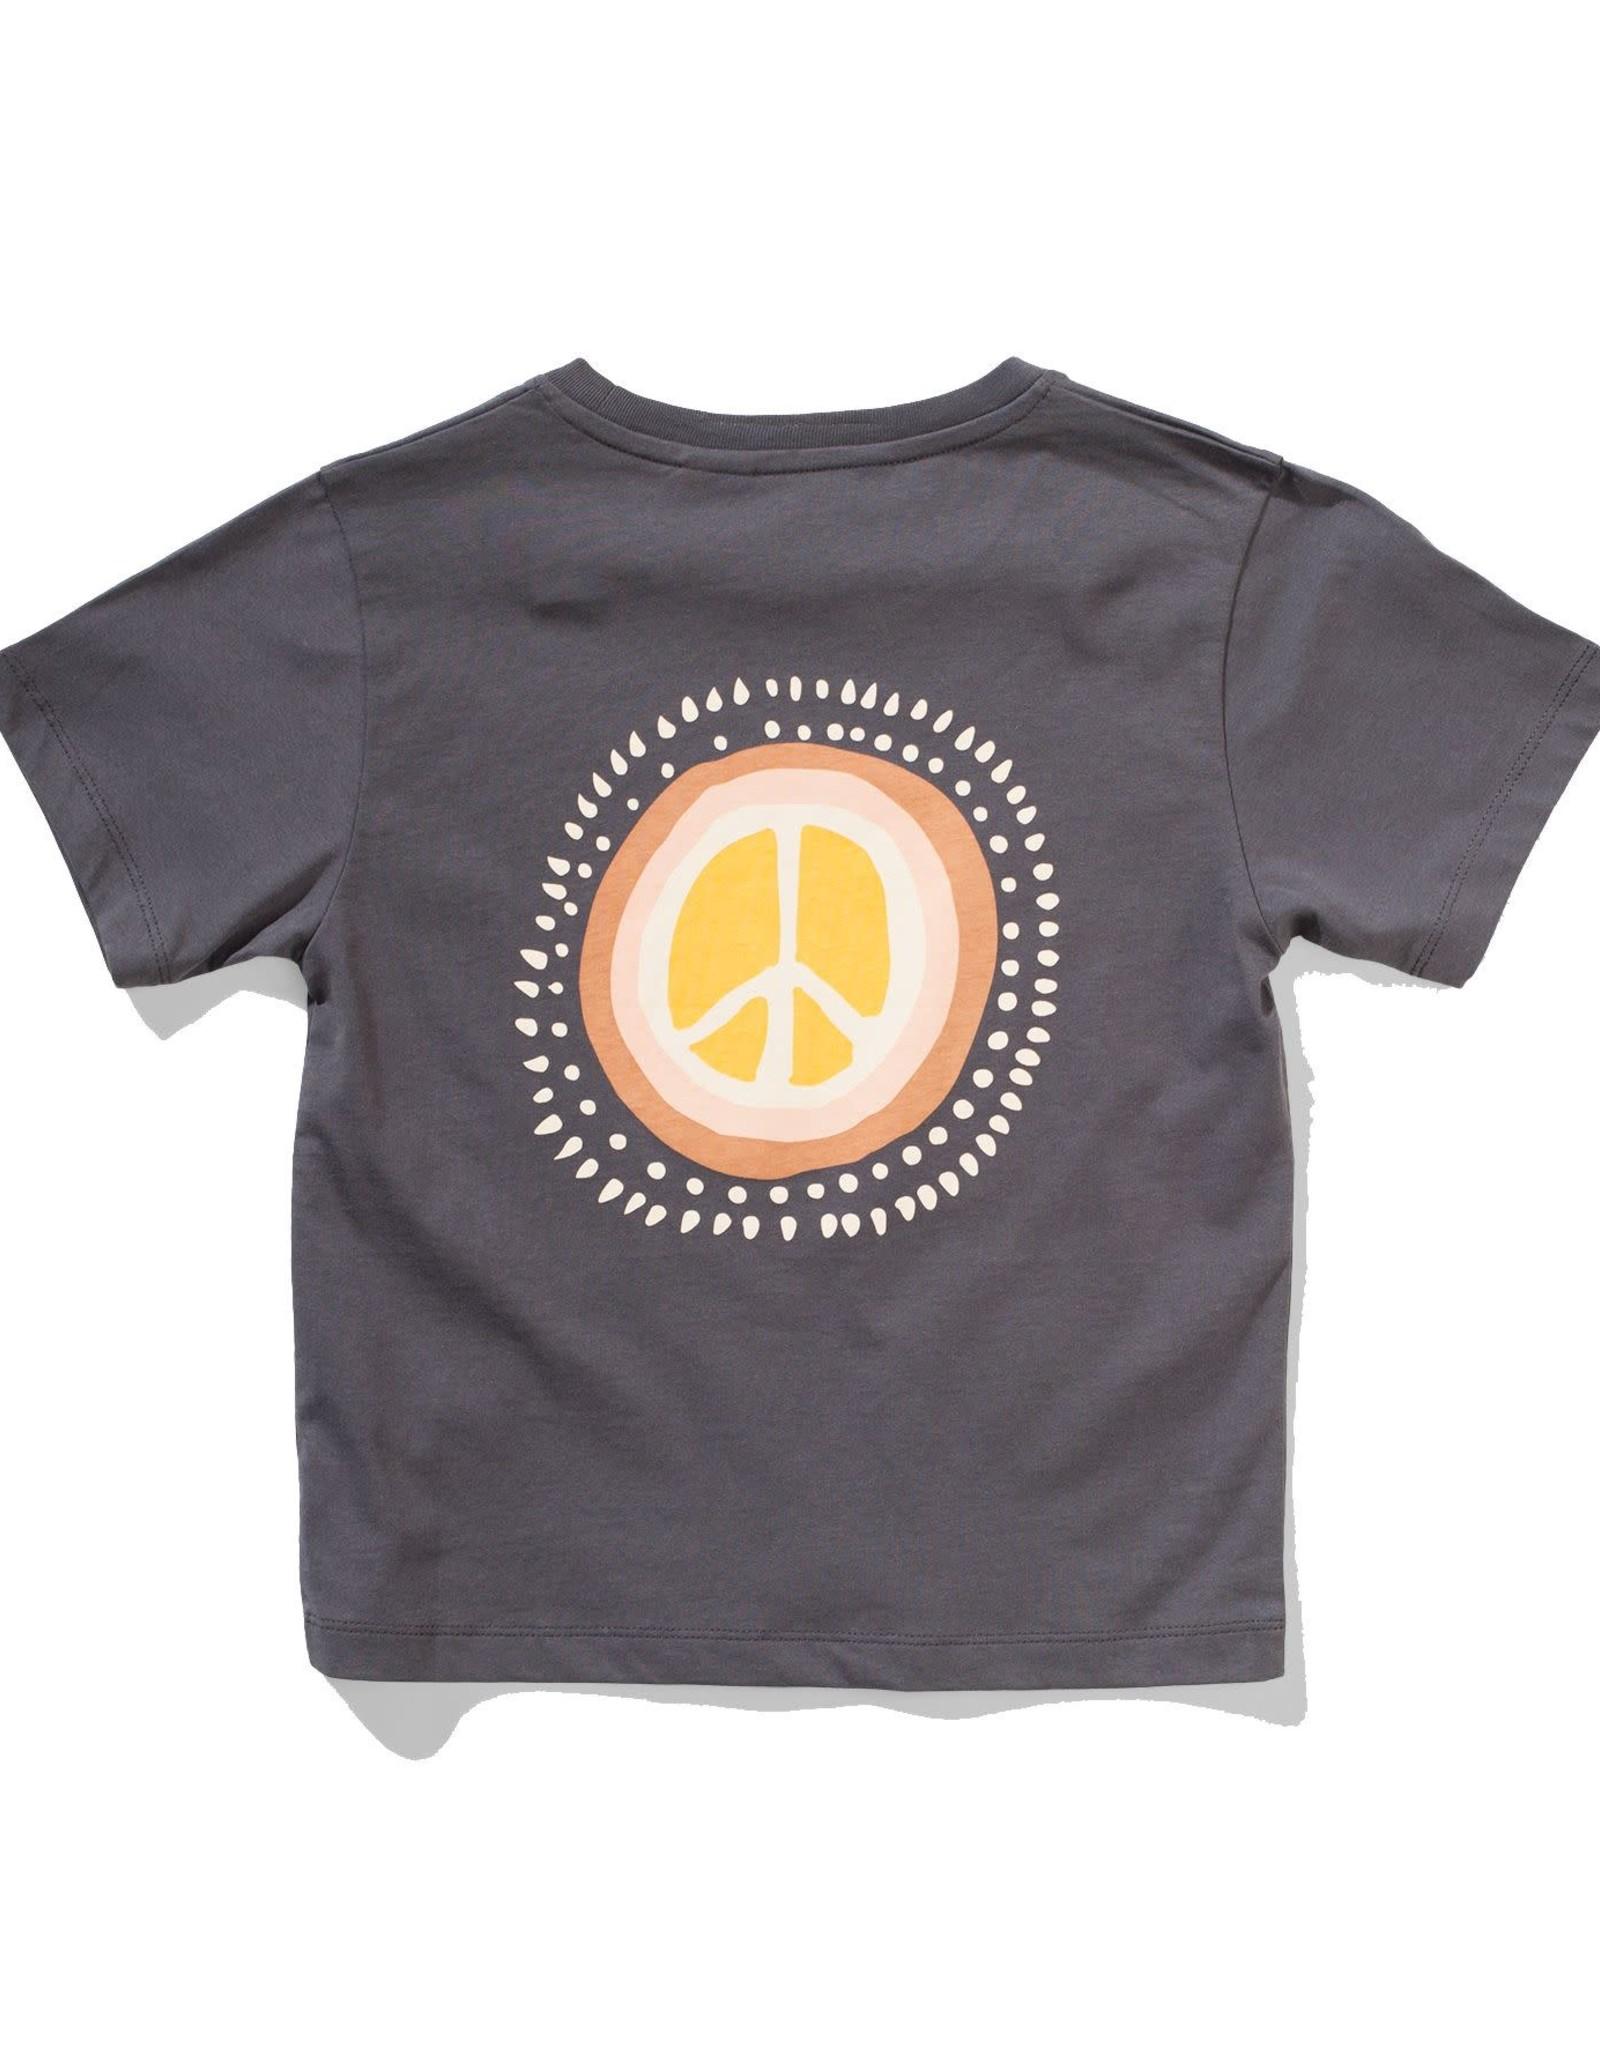 Munster Kids peace tee- black